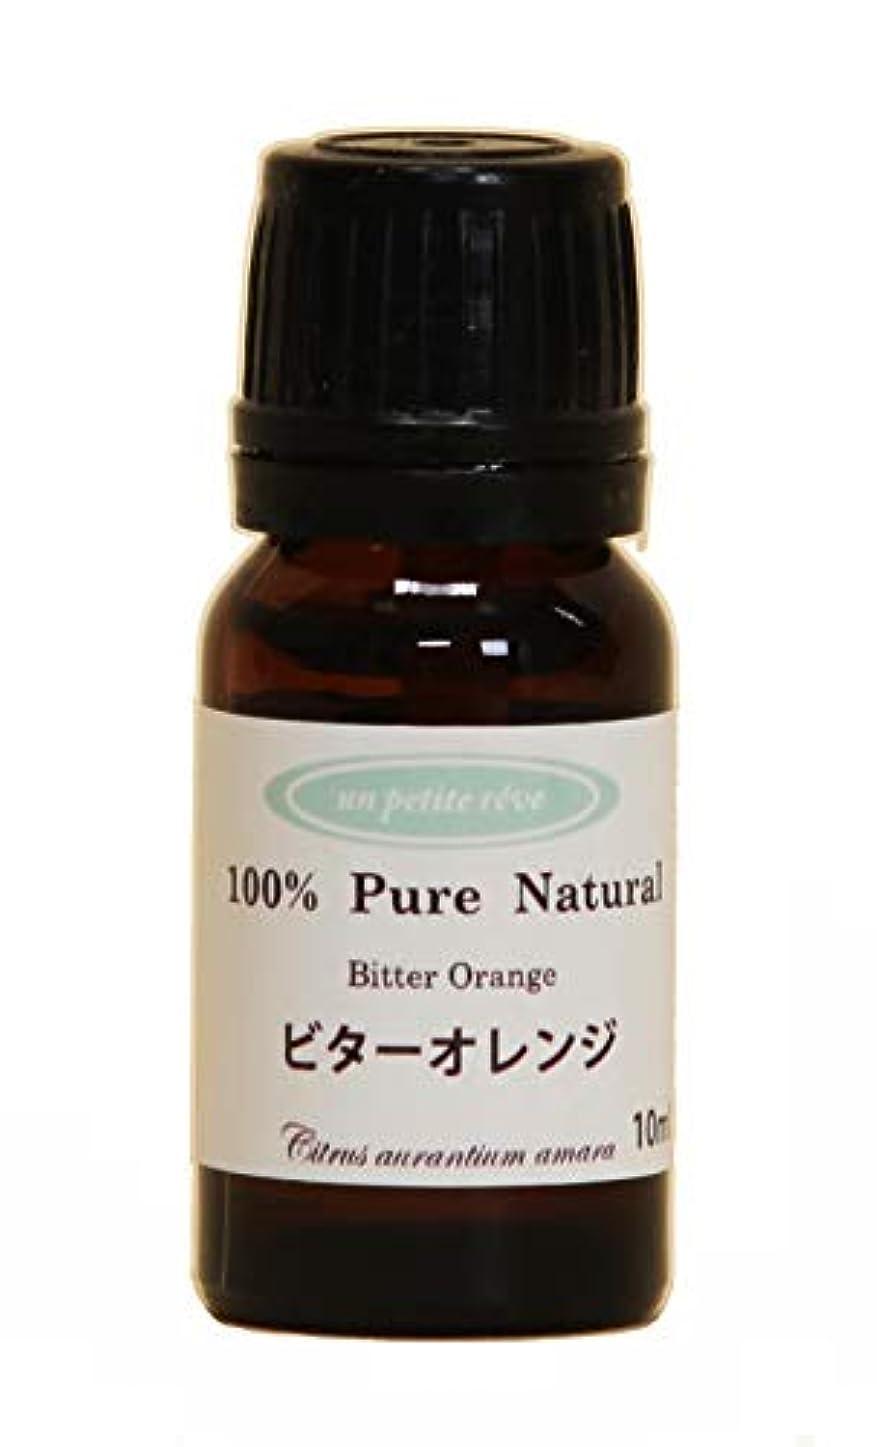 ロールミリメーター調停するビターオレンジ  10ml 100%天然アロマエッセンシャルオイル(精油)